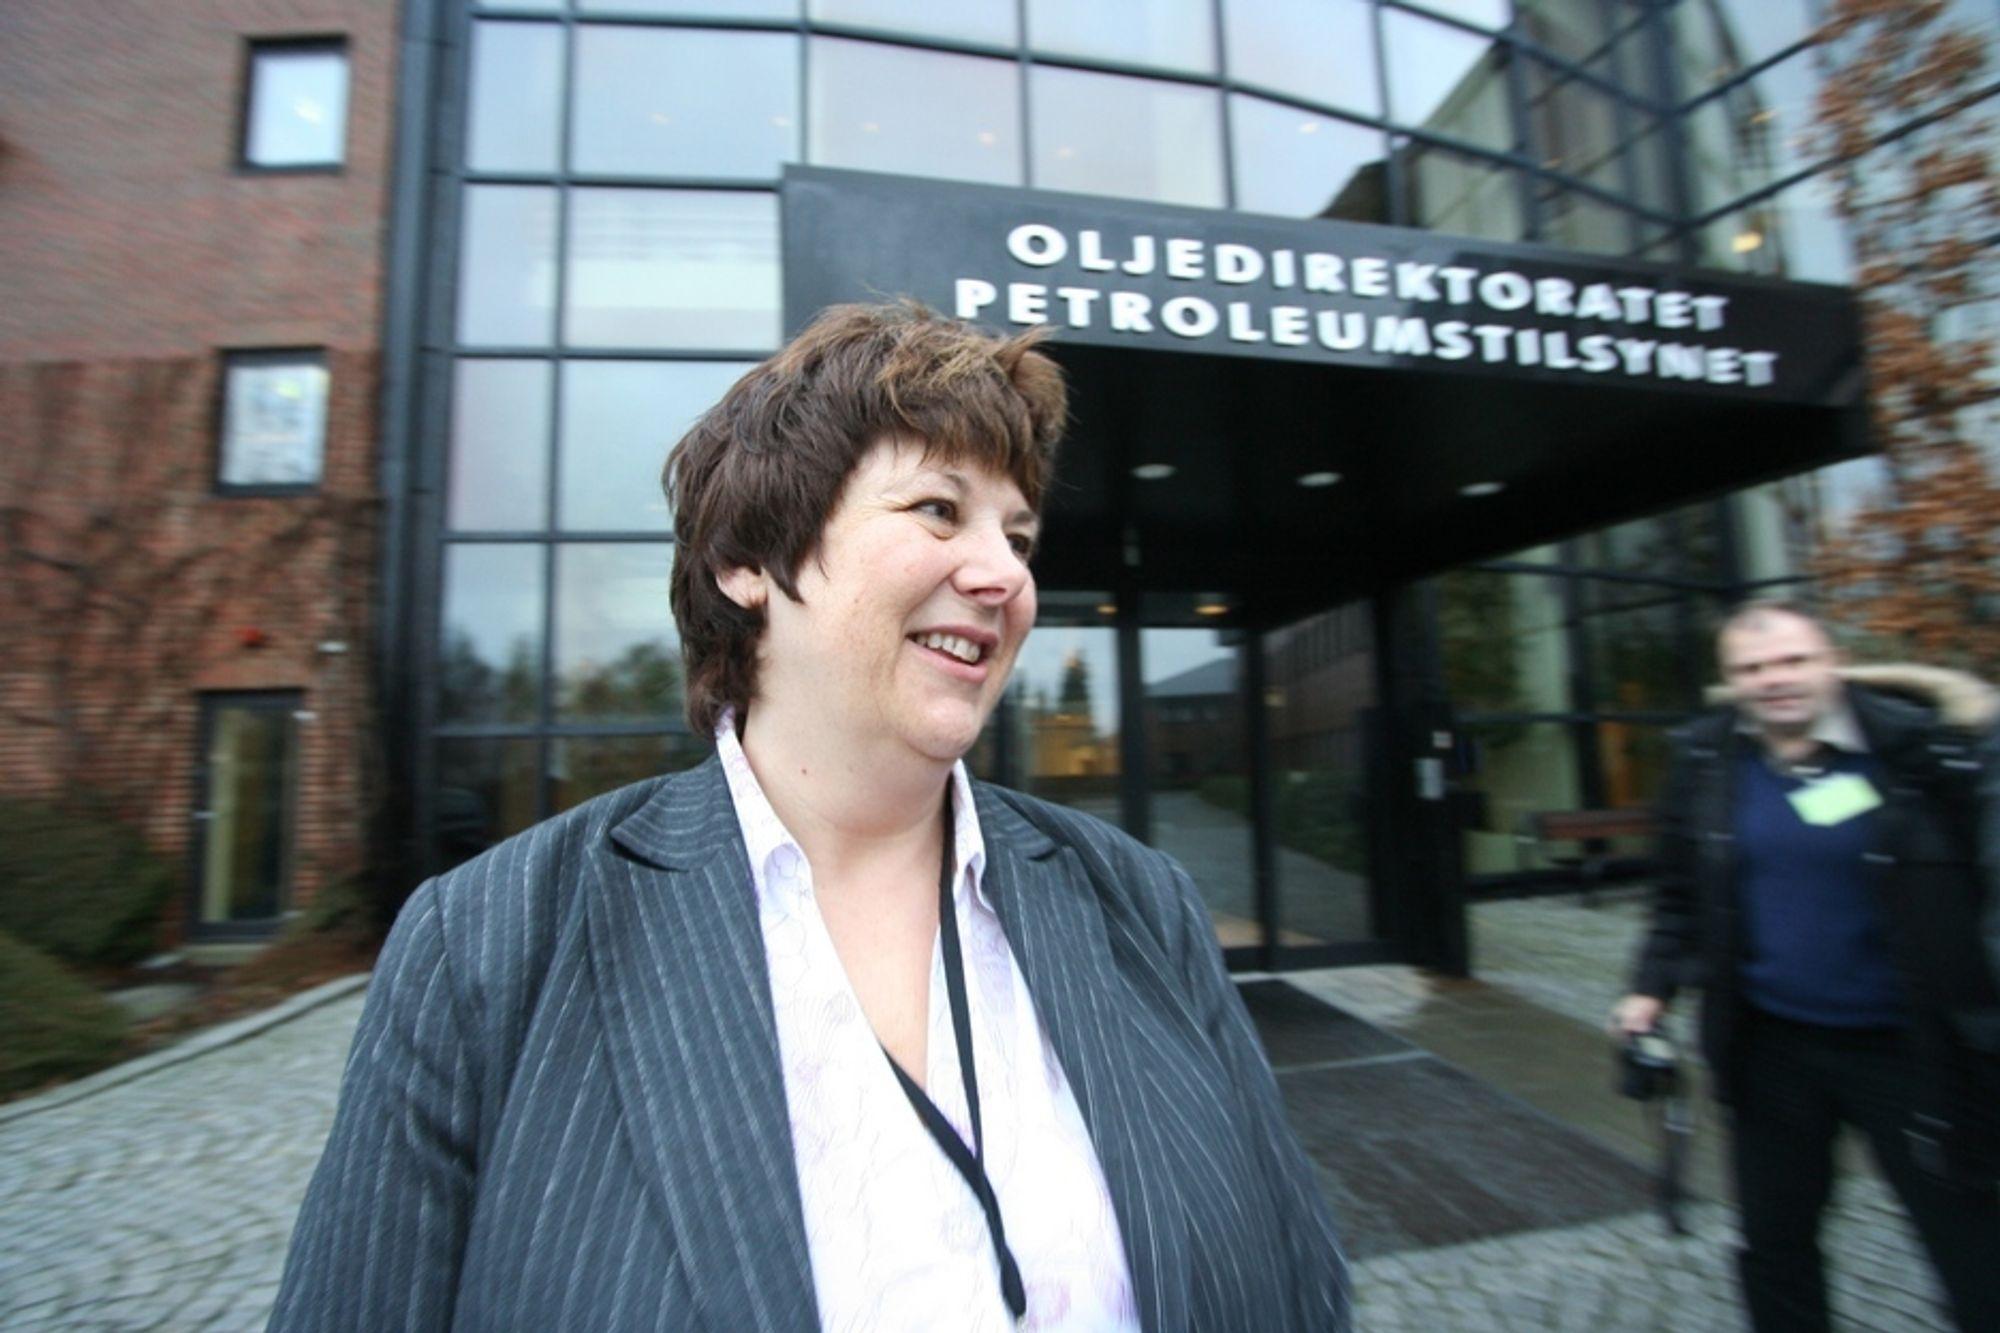 SPENT: Oljedirektør Bente Nyland venter med spenning på Shells boringer i Norskehavet.